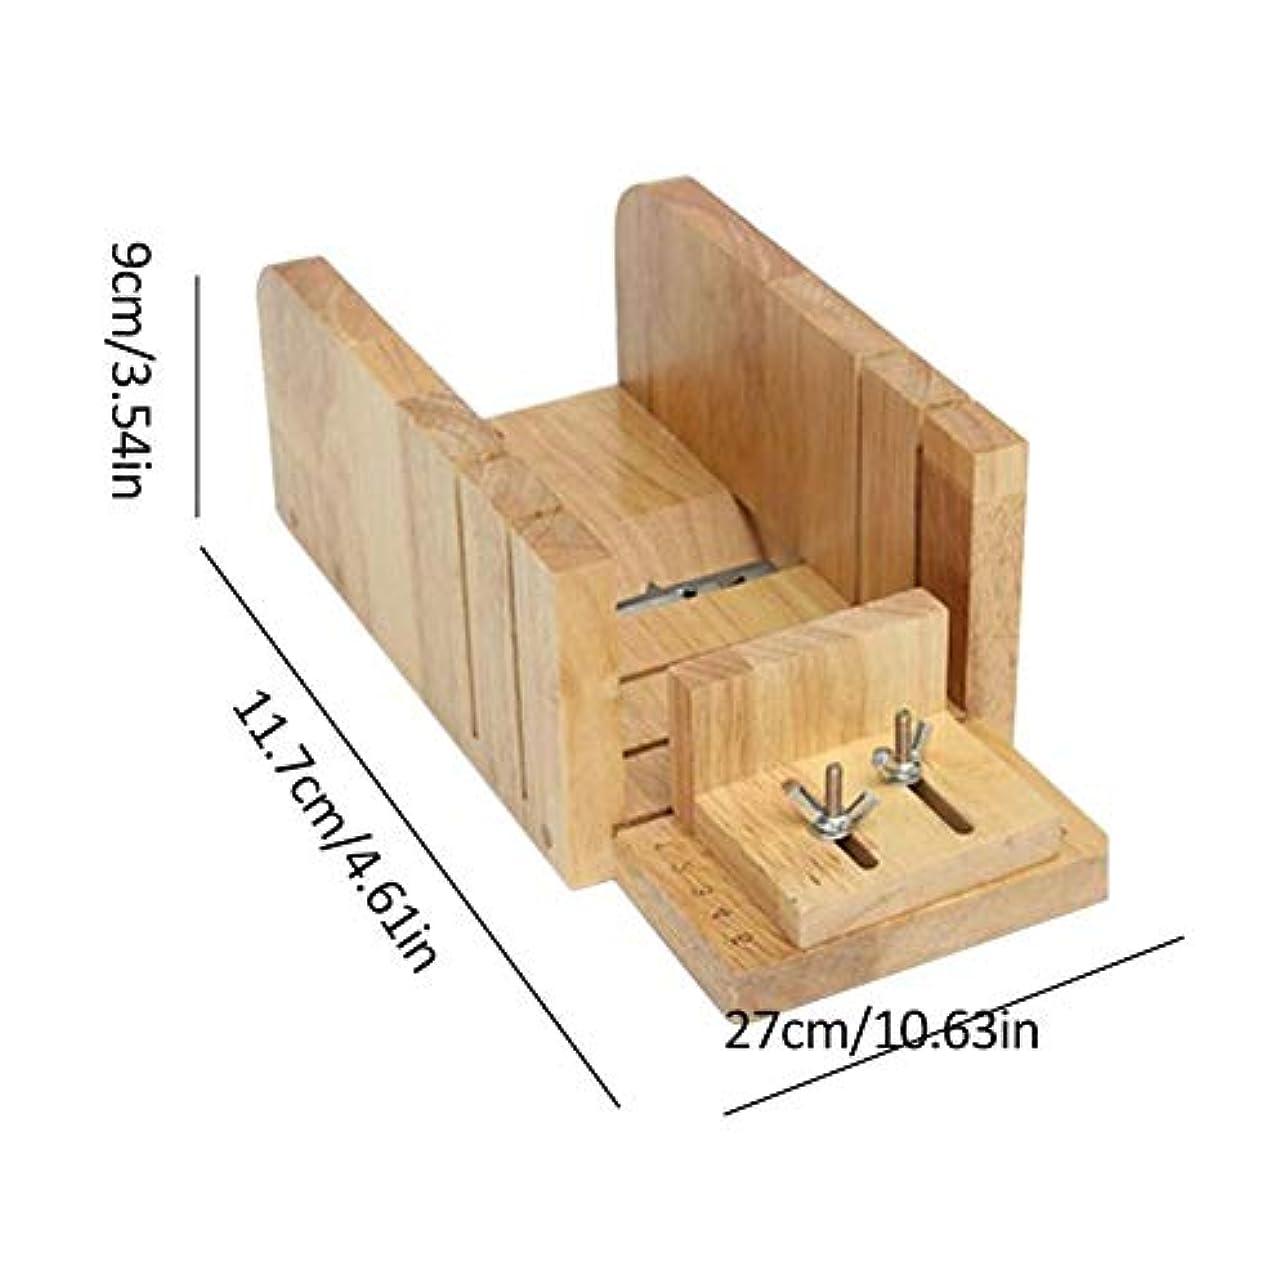 フィールドダッシュジャム3点セット ソープカッター 石けん金型ソープロープ カッター 木製 カッター ツールDIY 手作り 木製ボックス松木製 ストレートソープ包丁 ナイフ モールドソープ調整可能レトロ